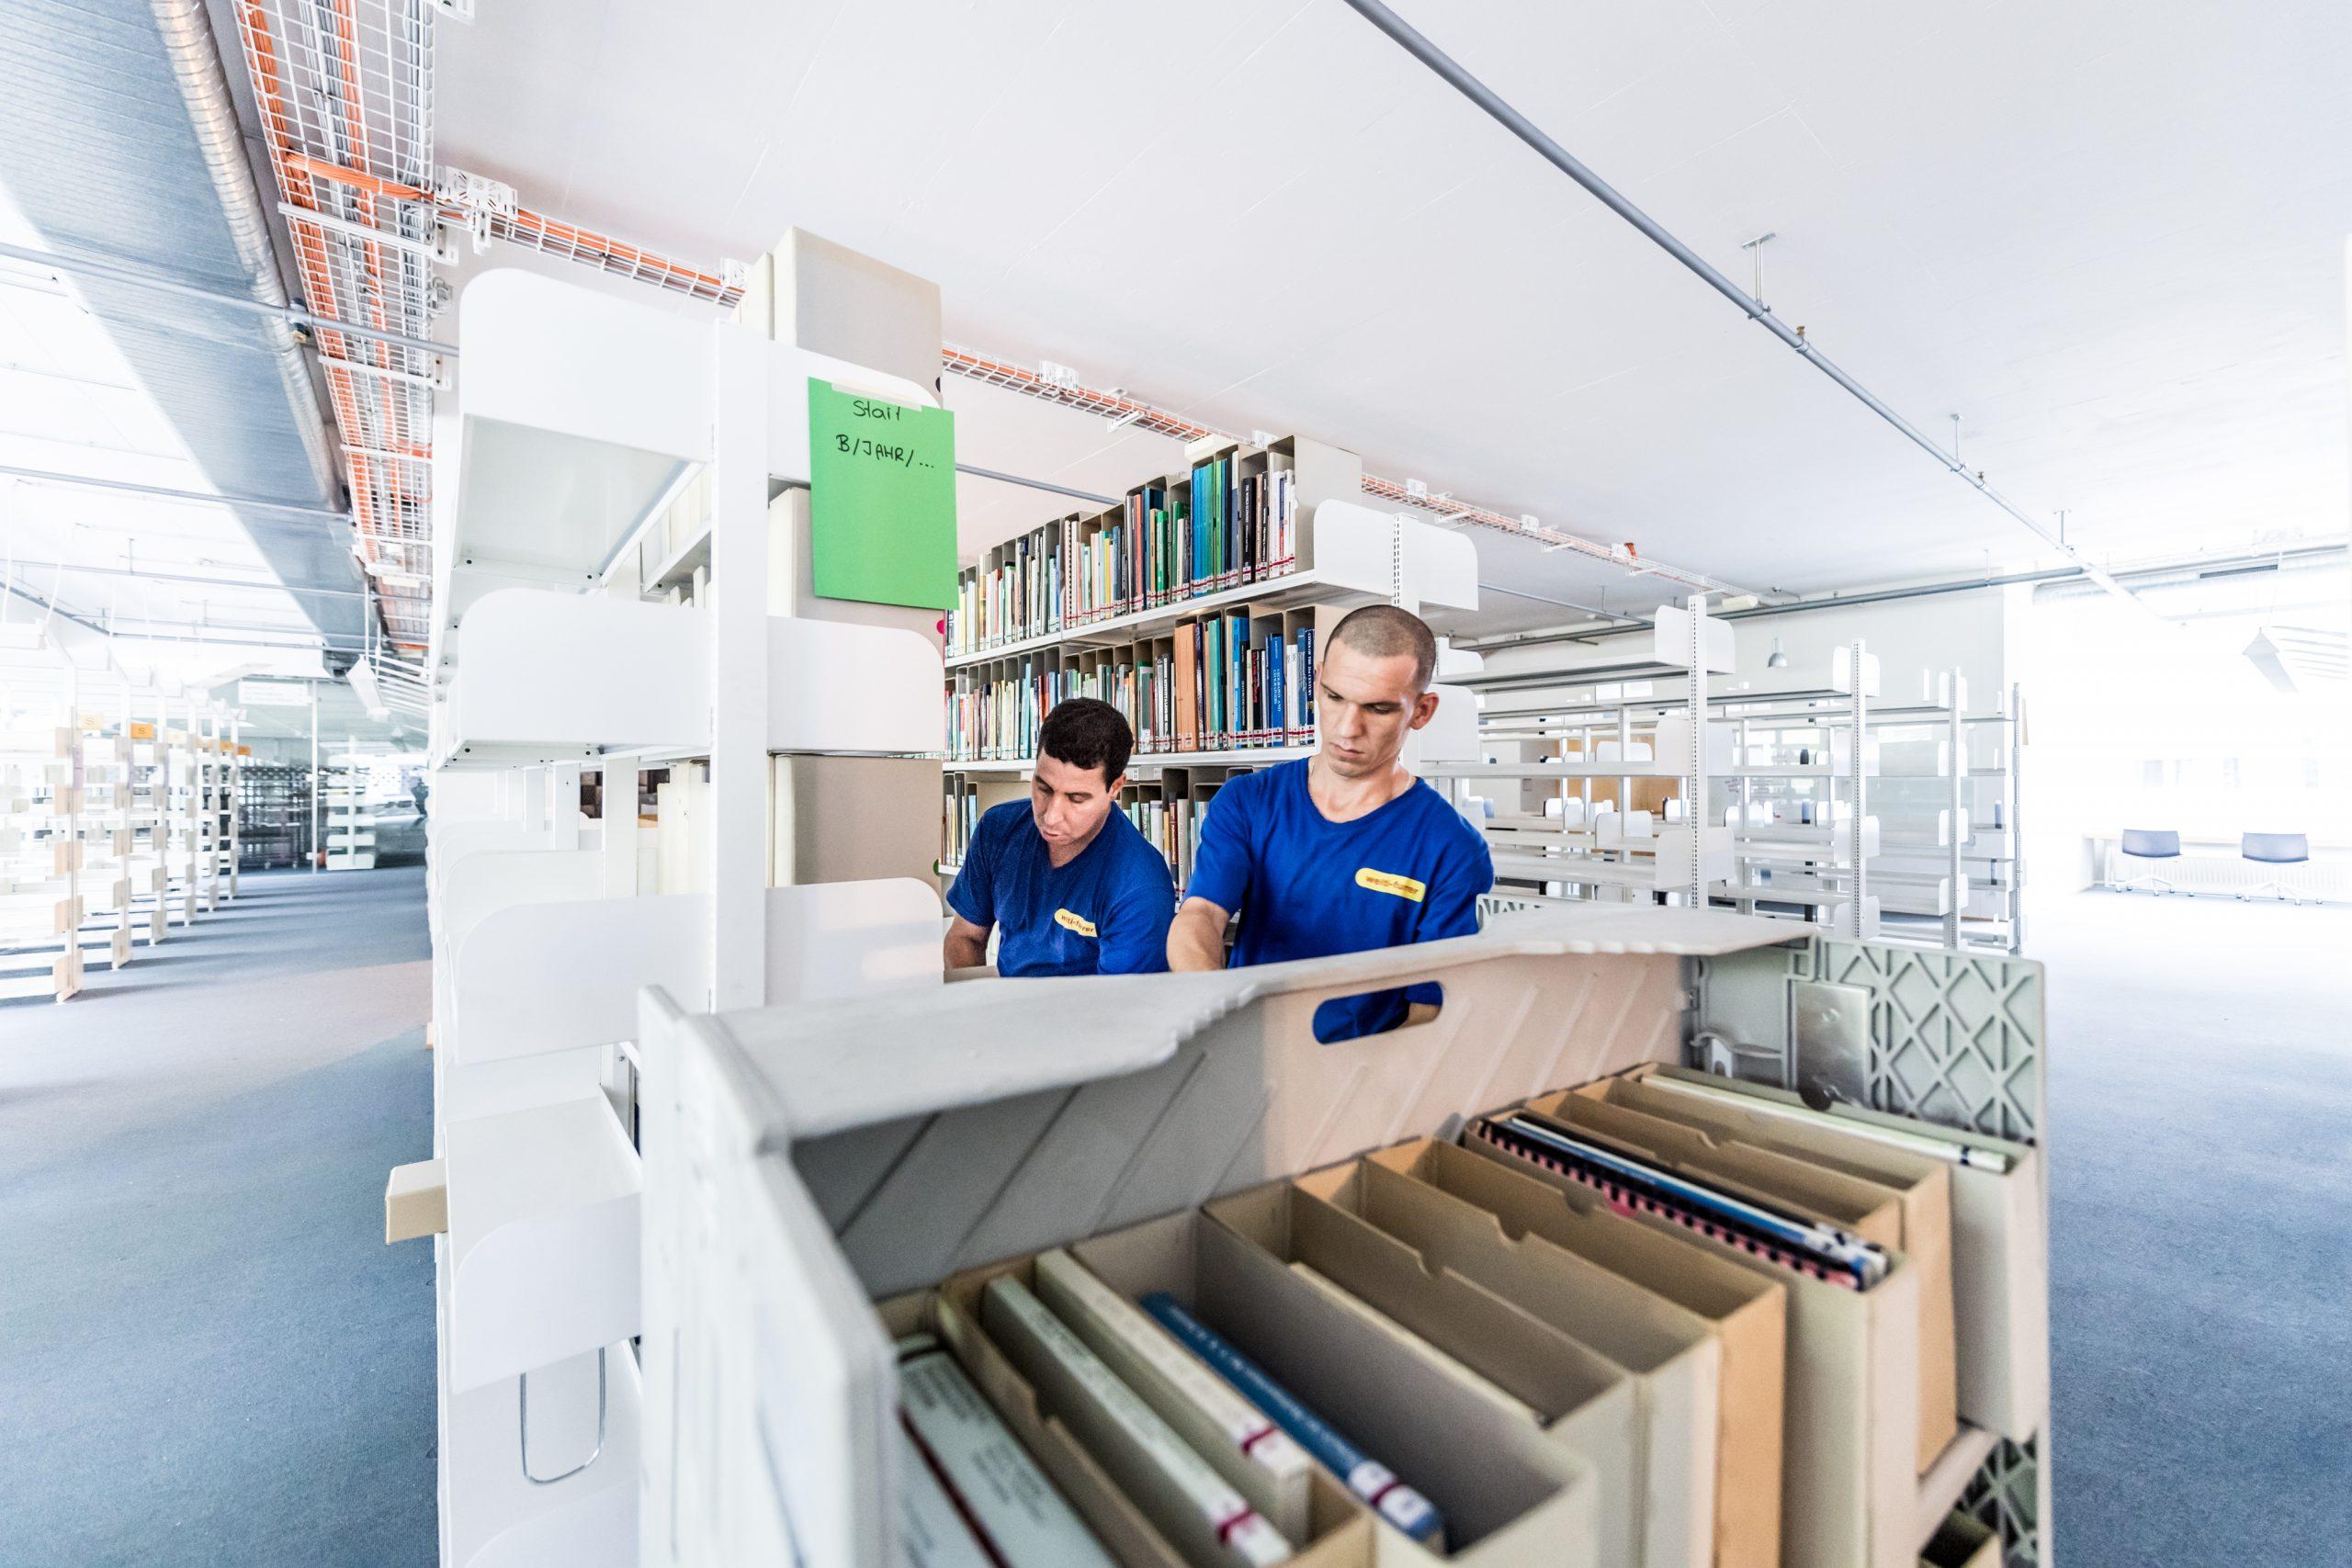 bibliotheksumzüge3